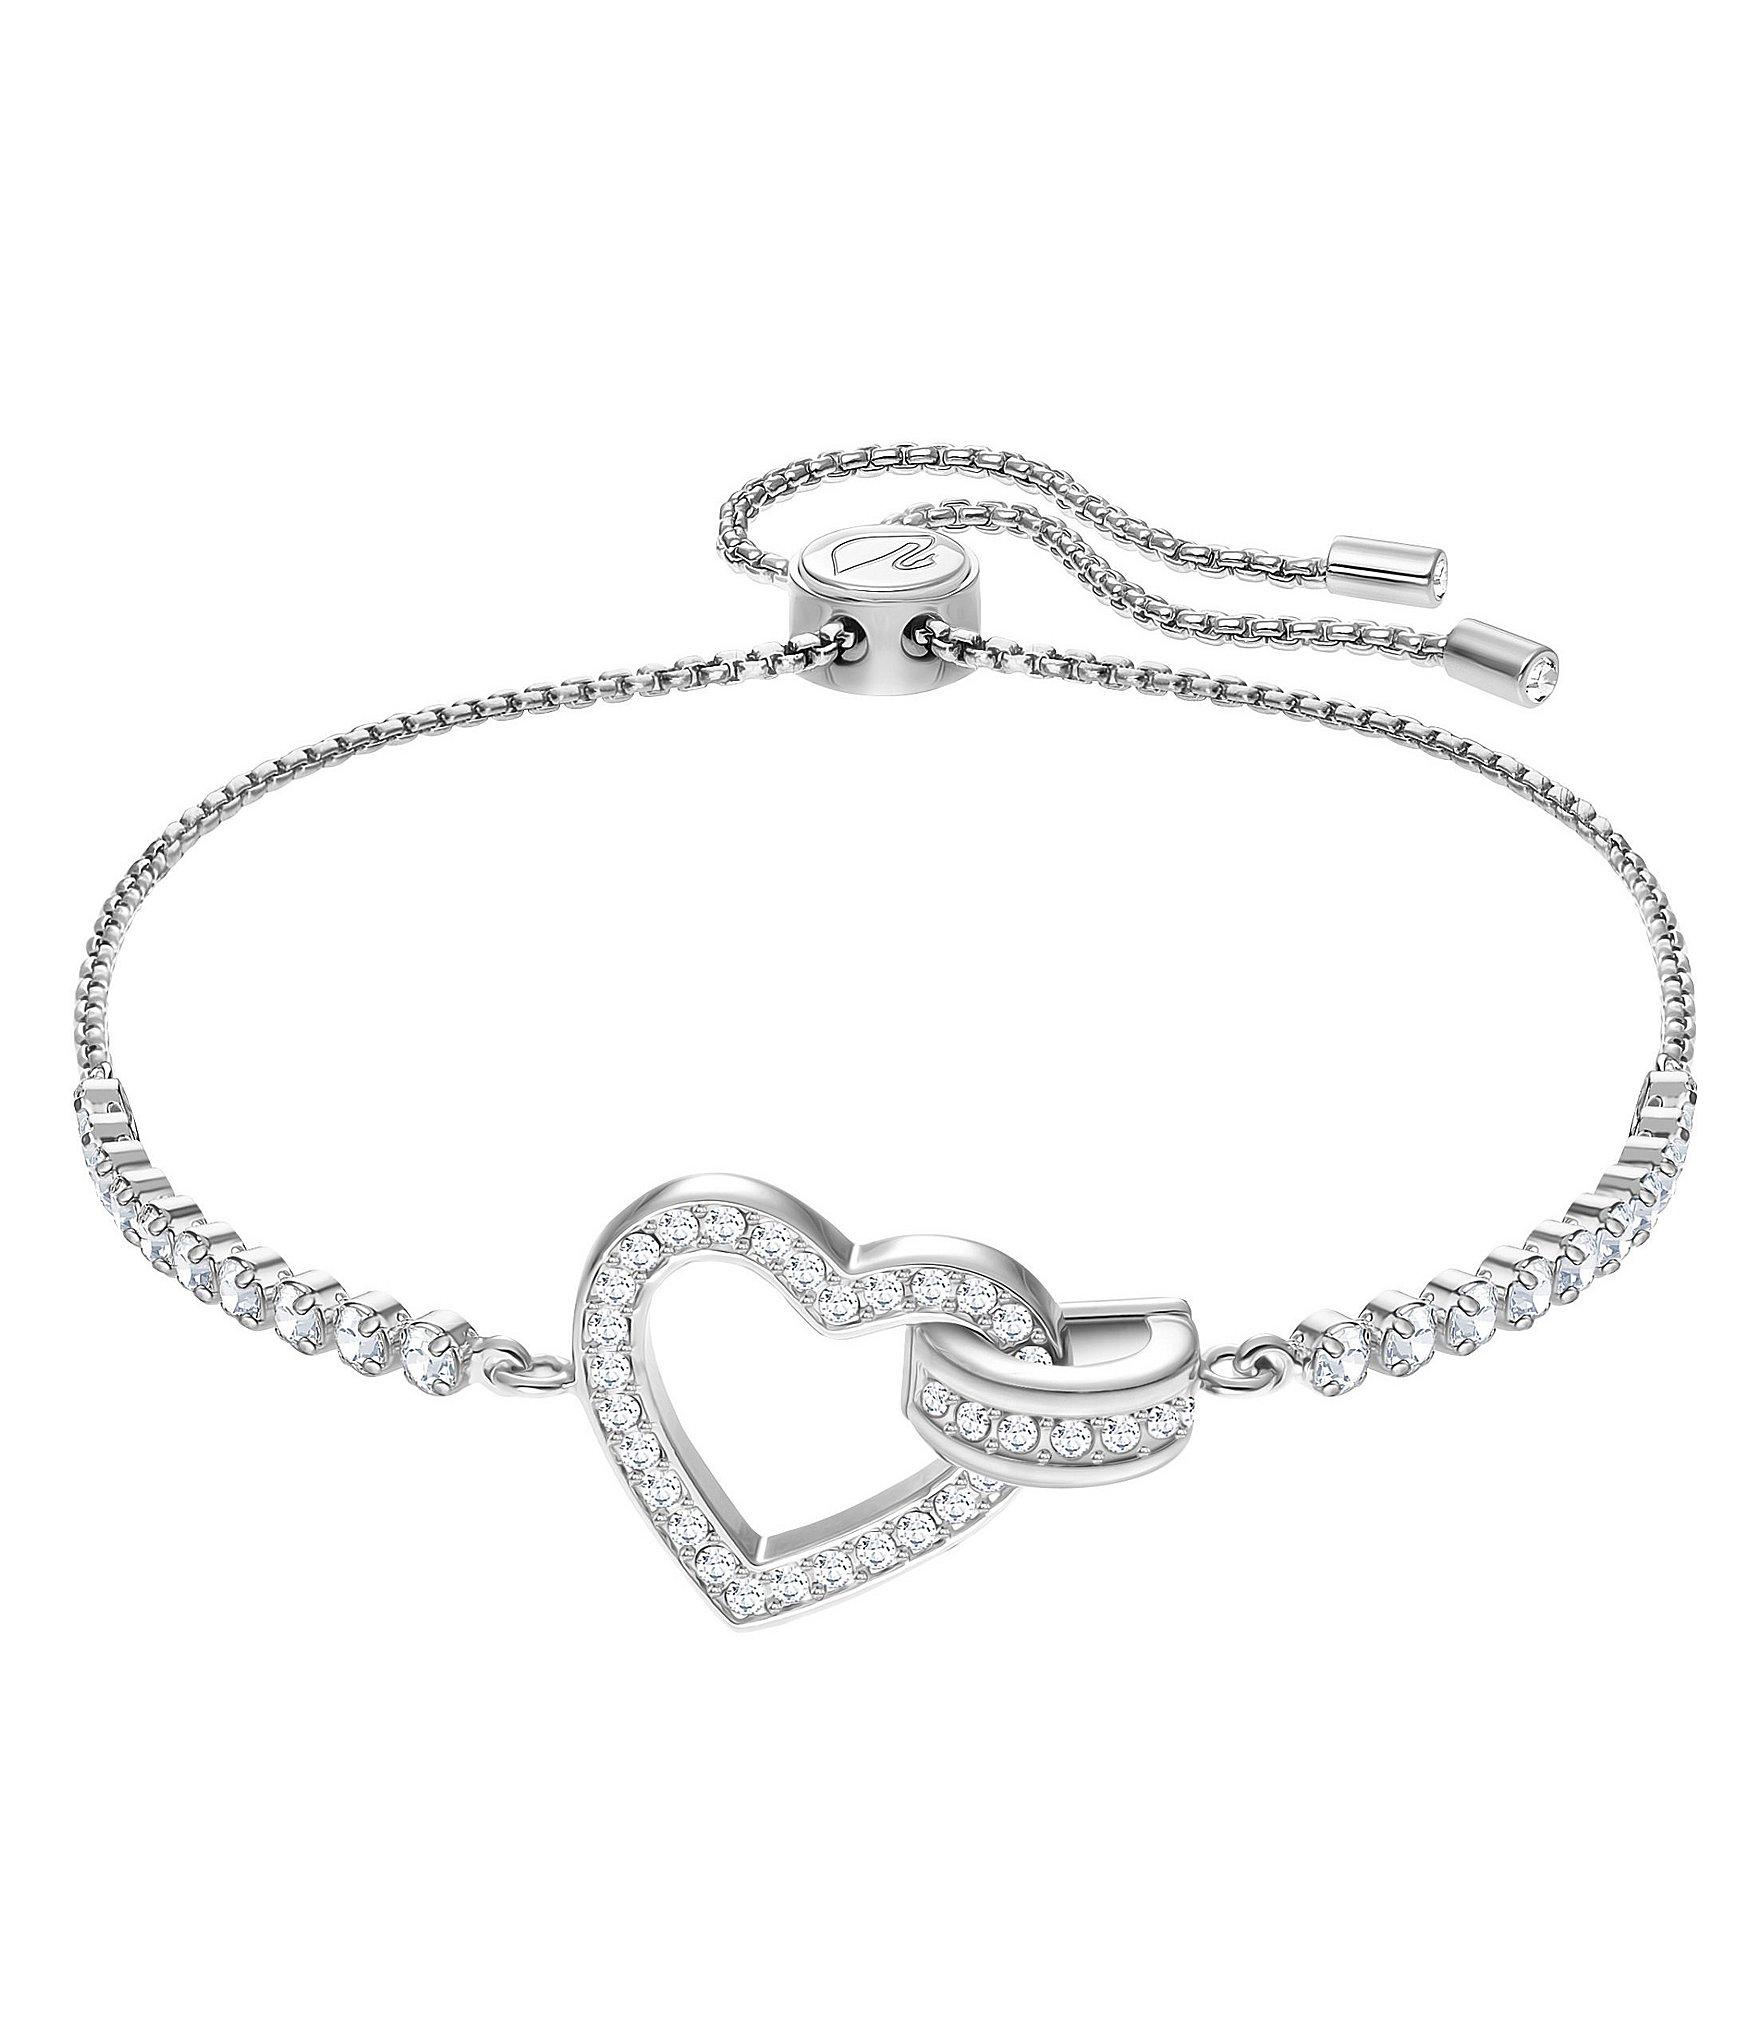 a9a268b49 Swarovski Jewelry: Timeless Gift Ideas for Her | Jewelry Jealousy